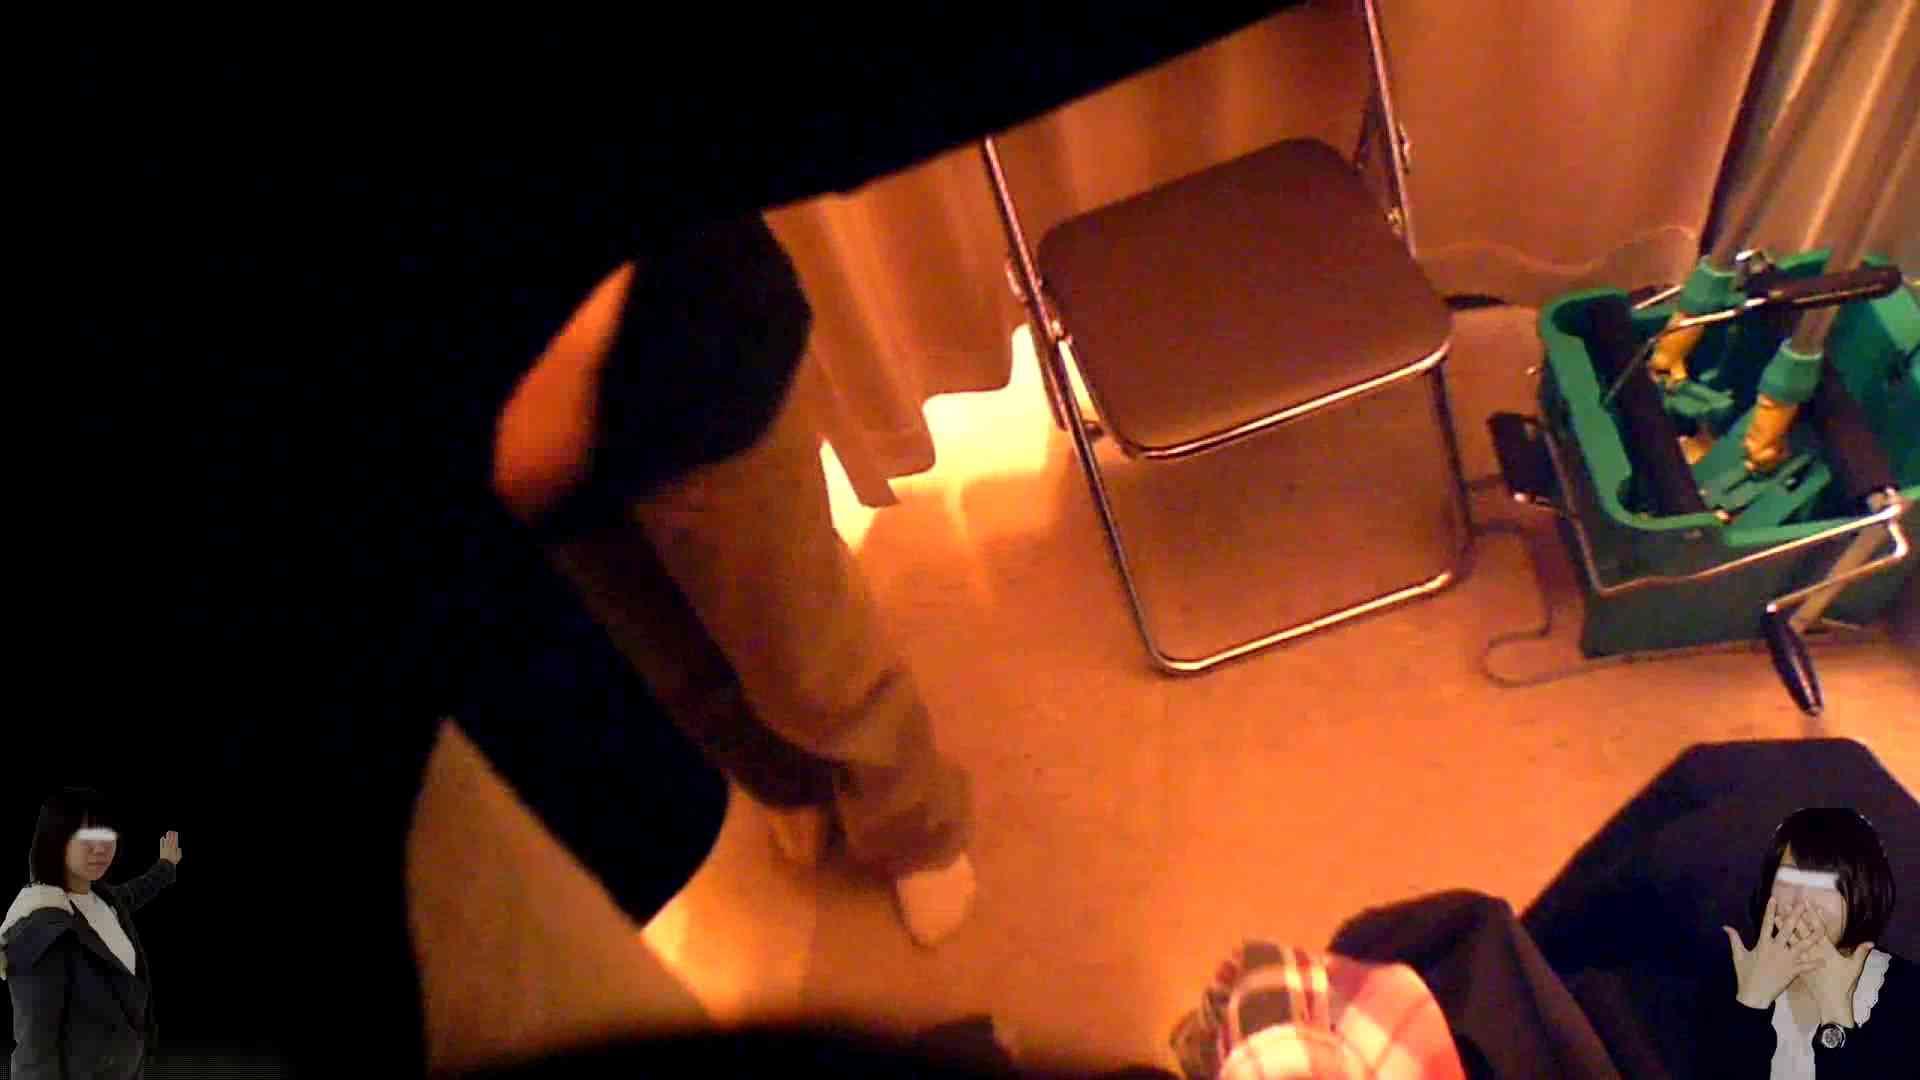 素人投稿 現役「JD」Eちゃんの着替え Vol.04 着替え おまんこ動画流出 107pic 31